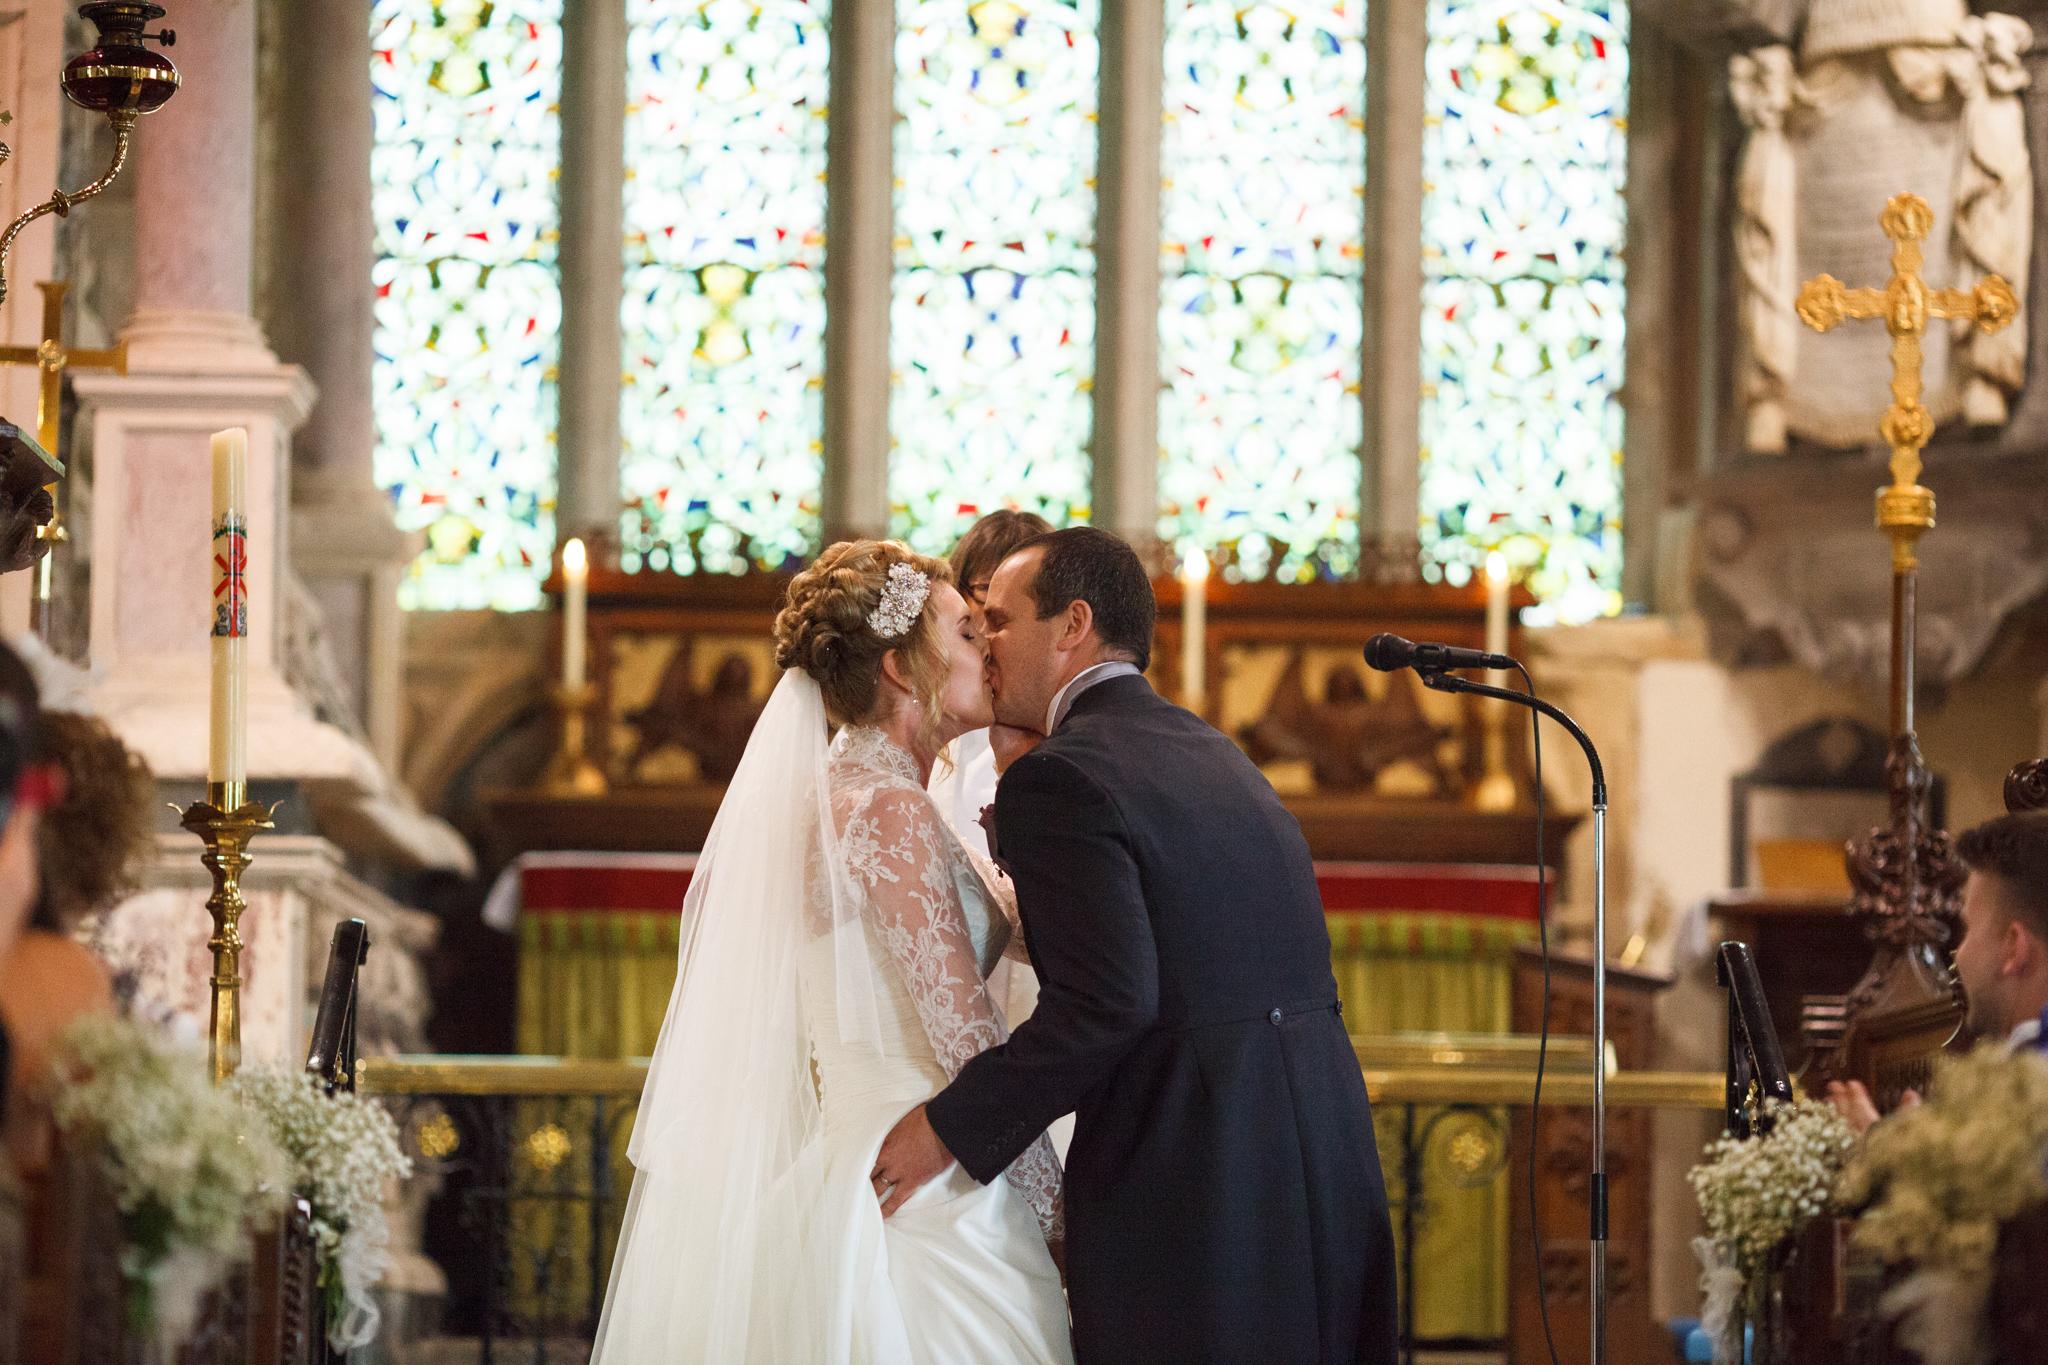 Simon_Rawling_Wedding_Photography-302.jpg